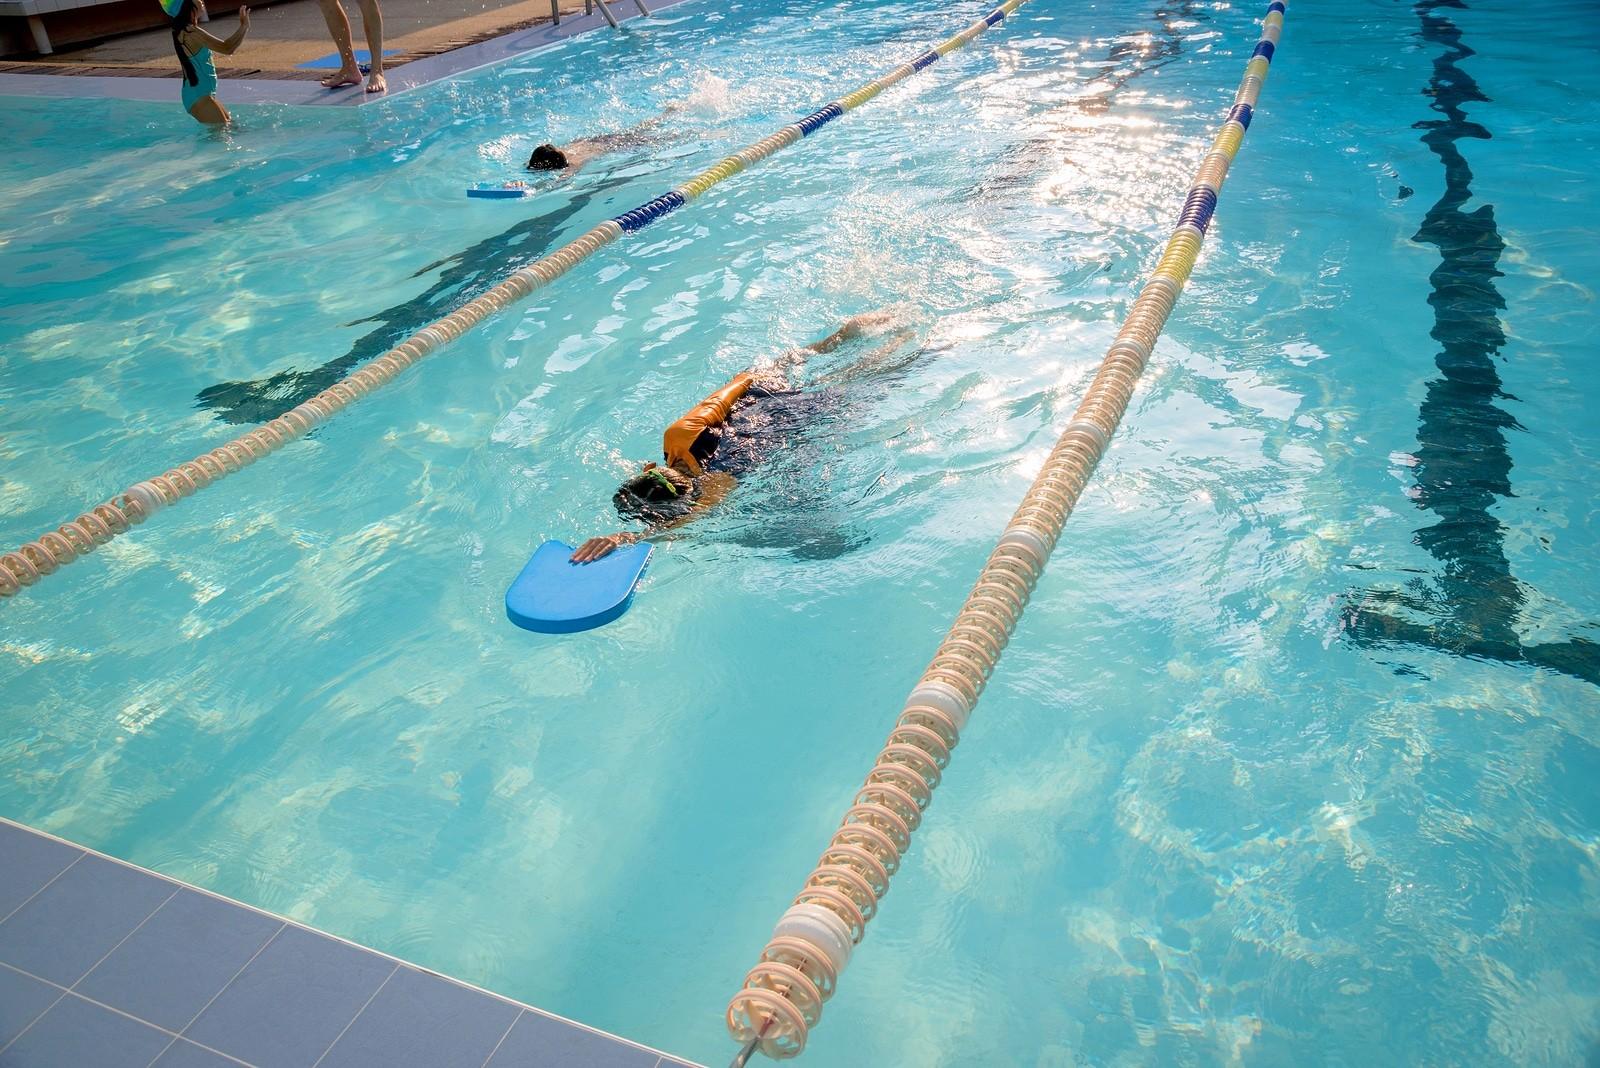 aquatic exercises